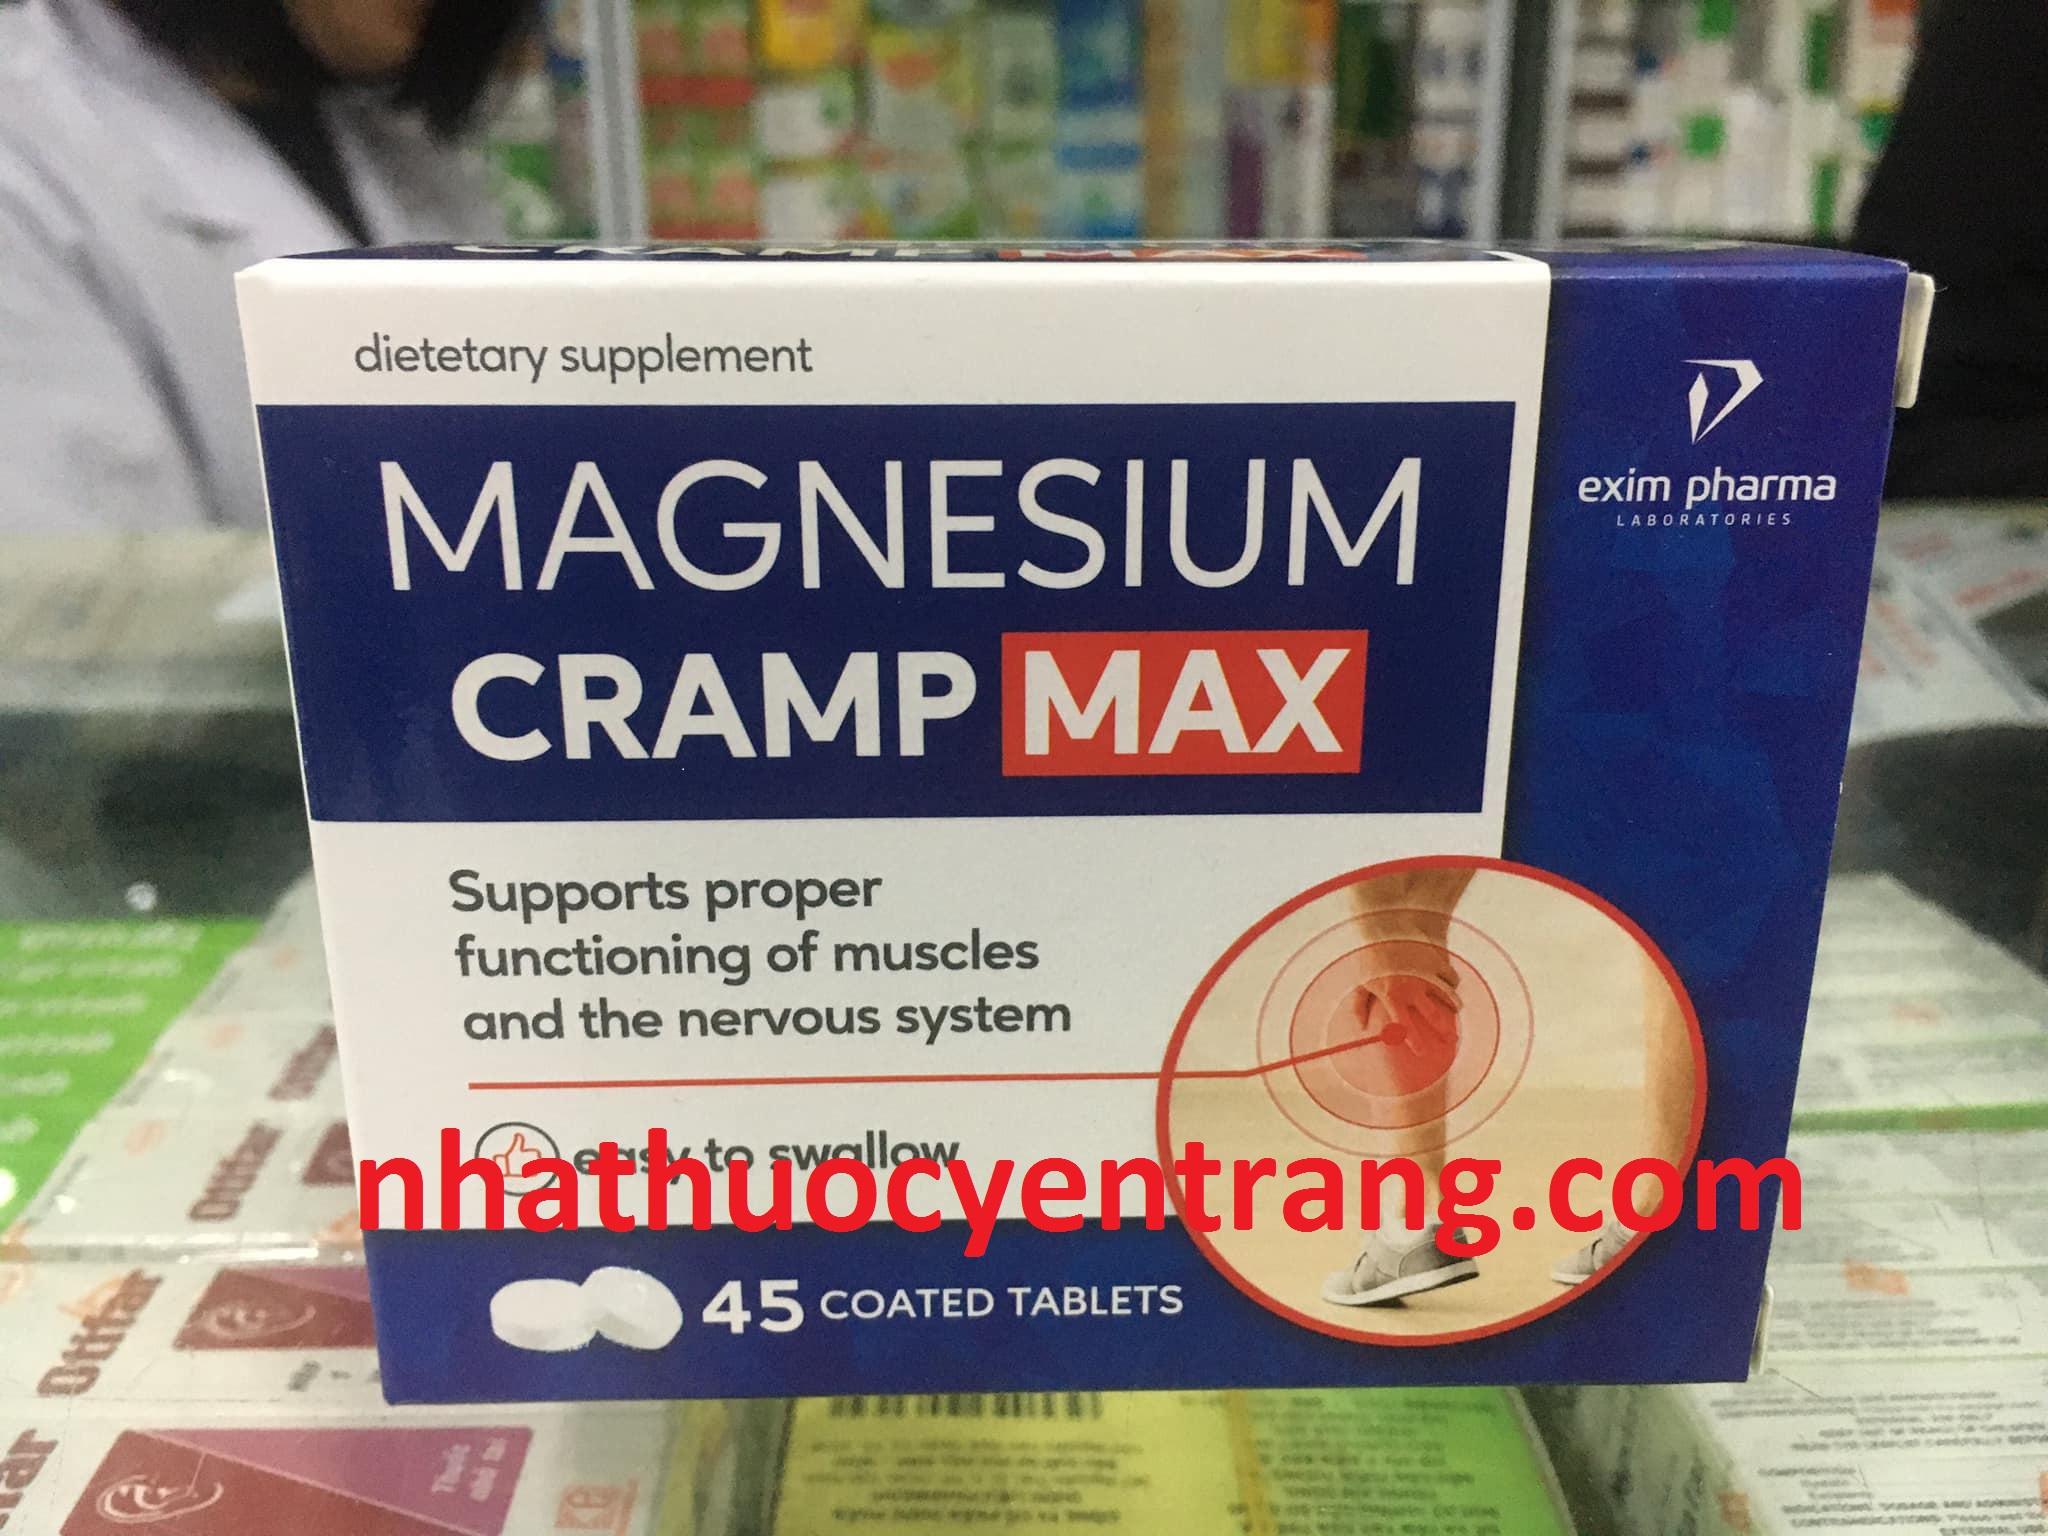 Magnesium Cramp Max